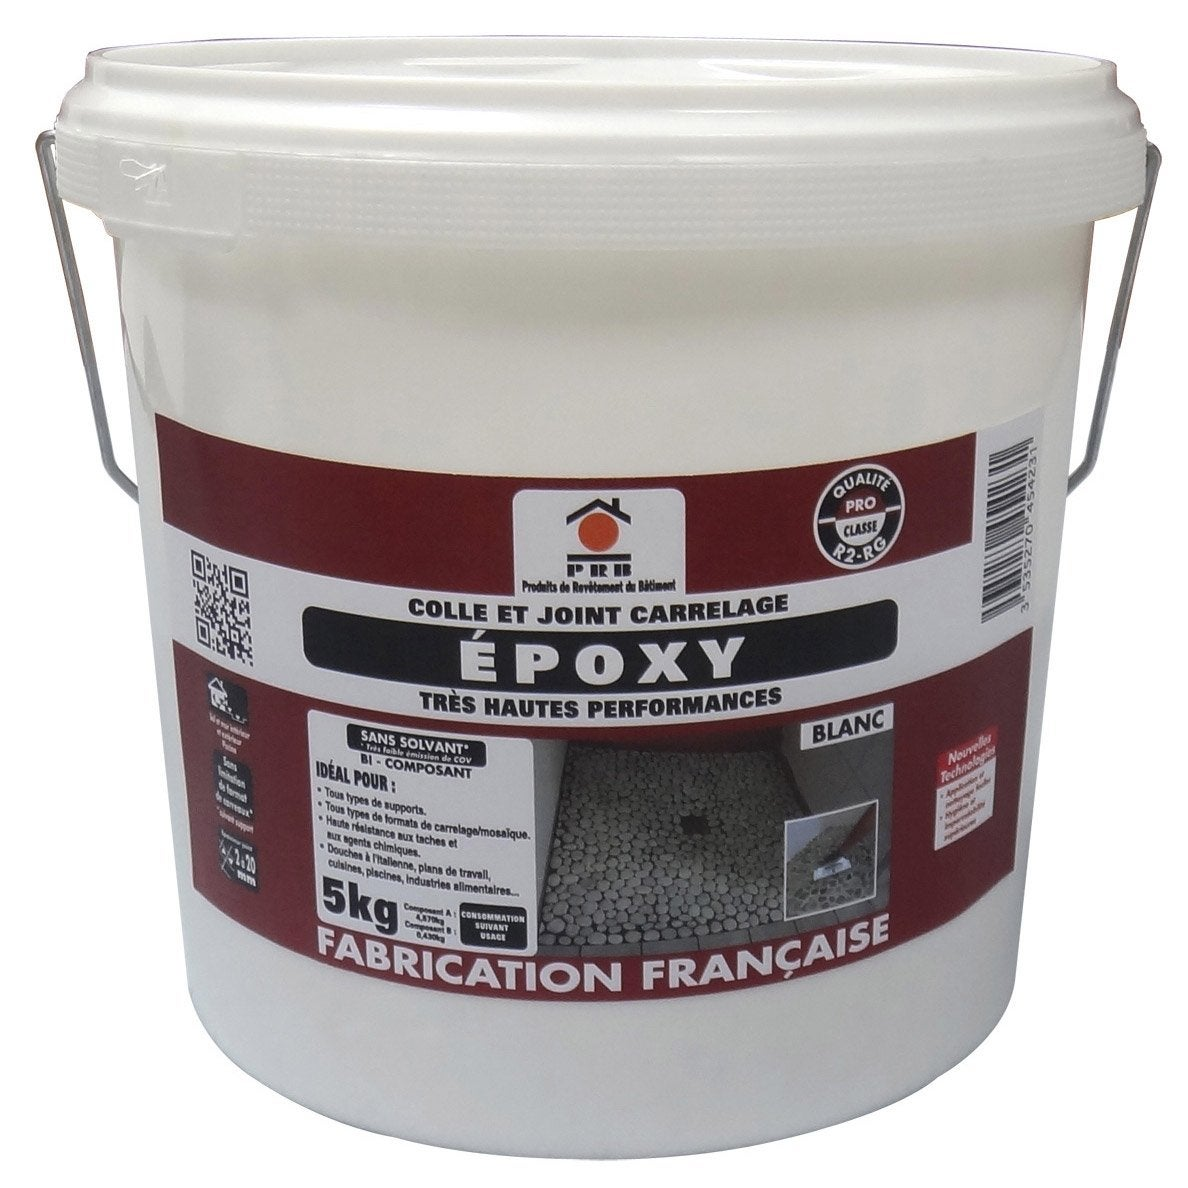 Colle et joint poxy pour carrelage et mosa que mur et sol for Peinture pour joint de carrelage